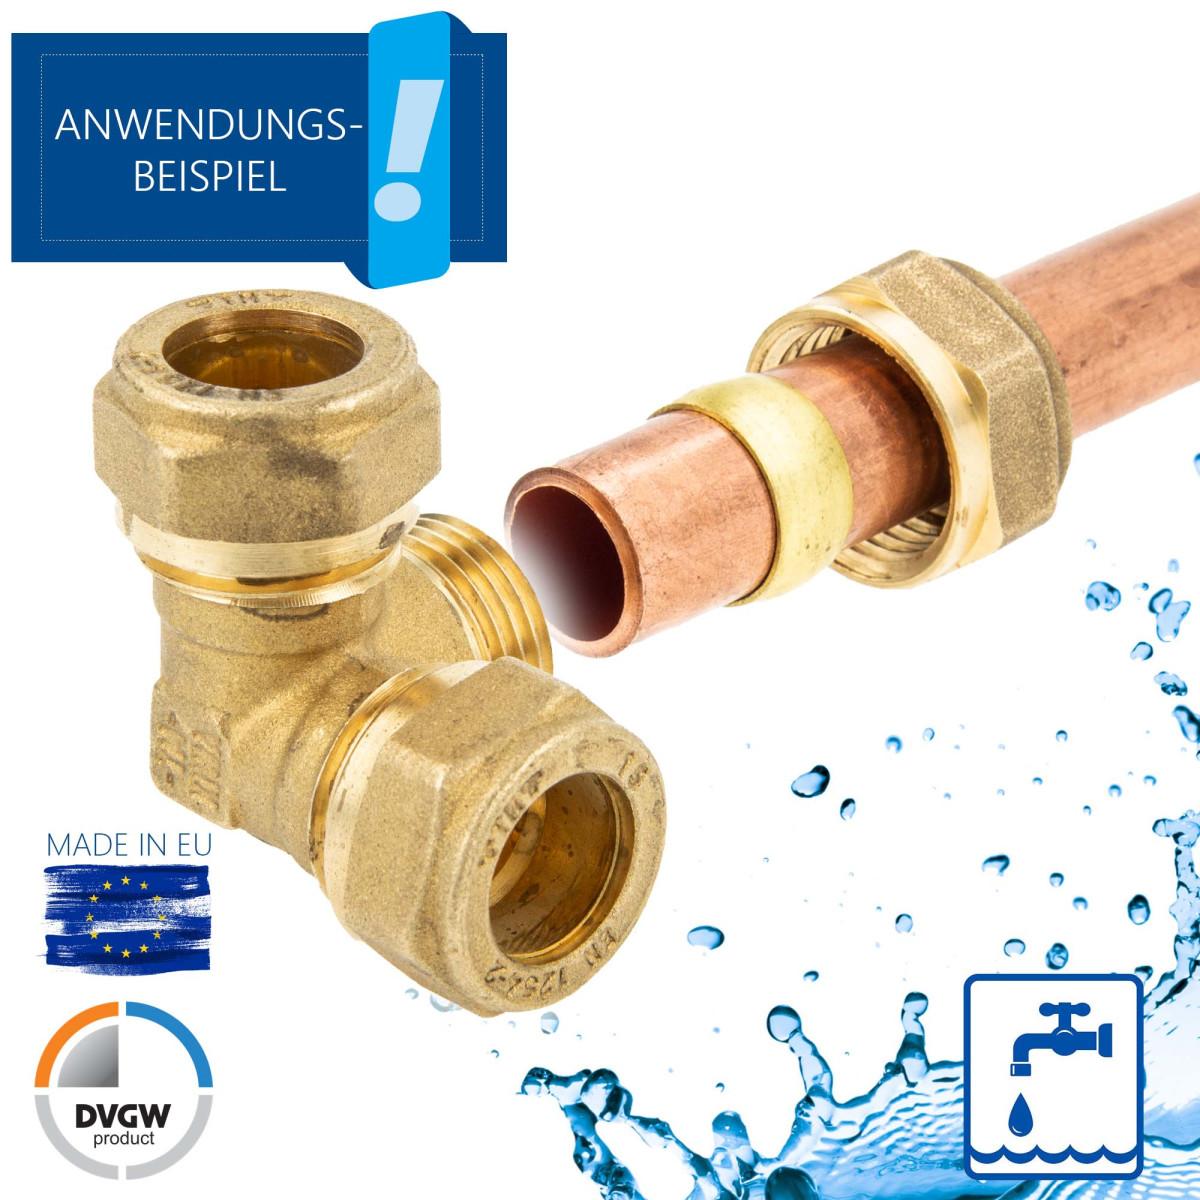 MS-Klemmringverbinder für Kupferrohr Eck-T-Stück Verschraubung DVGW